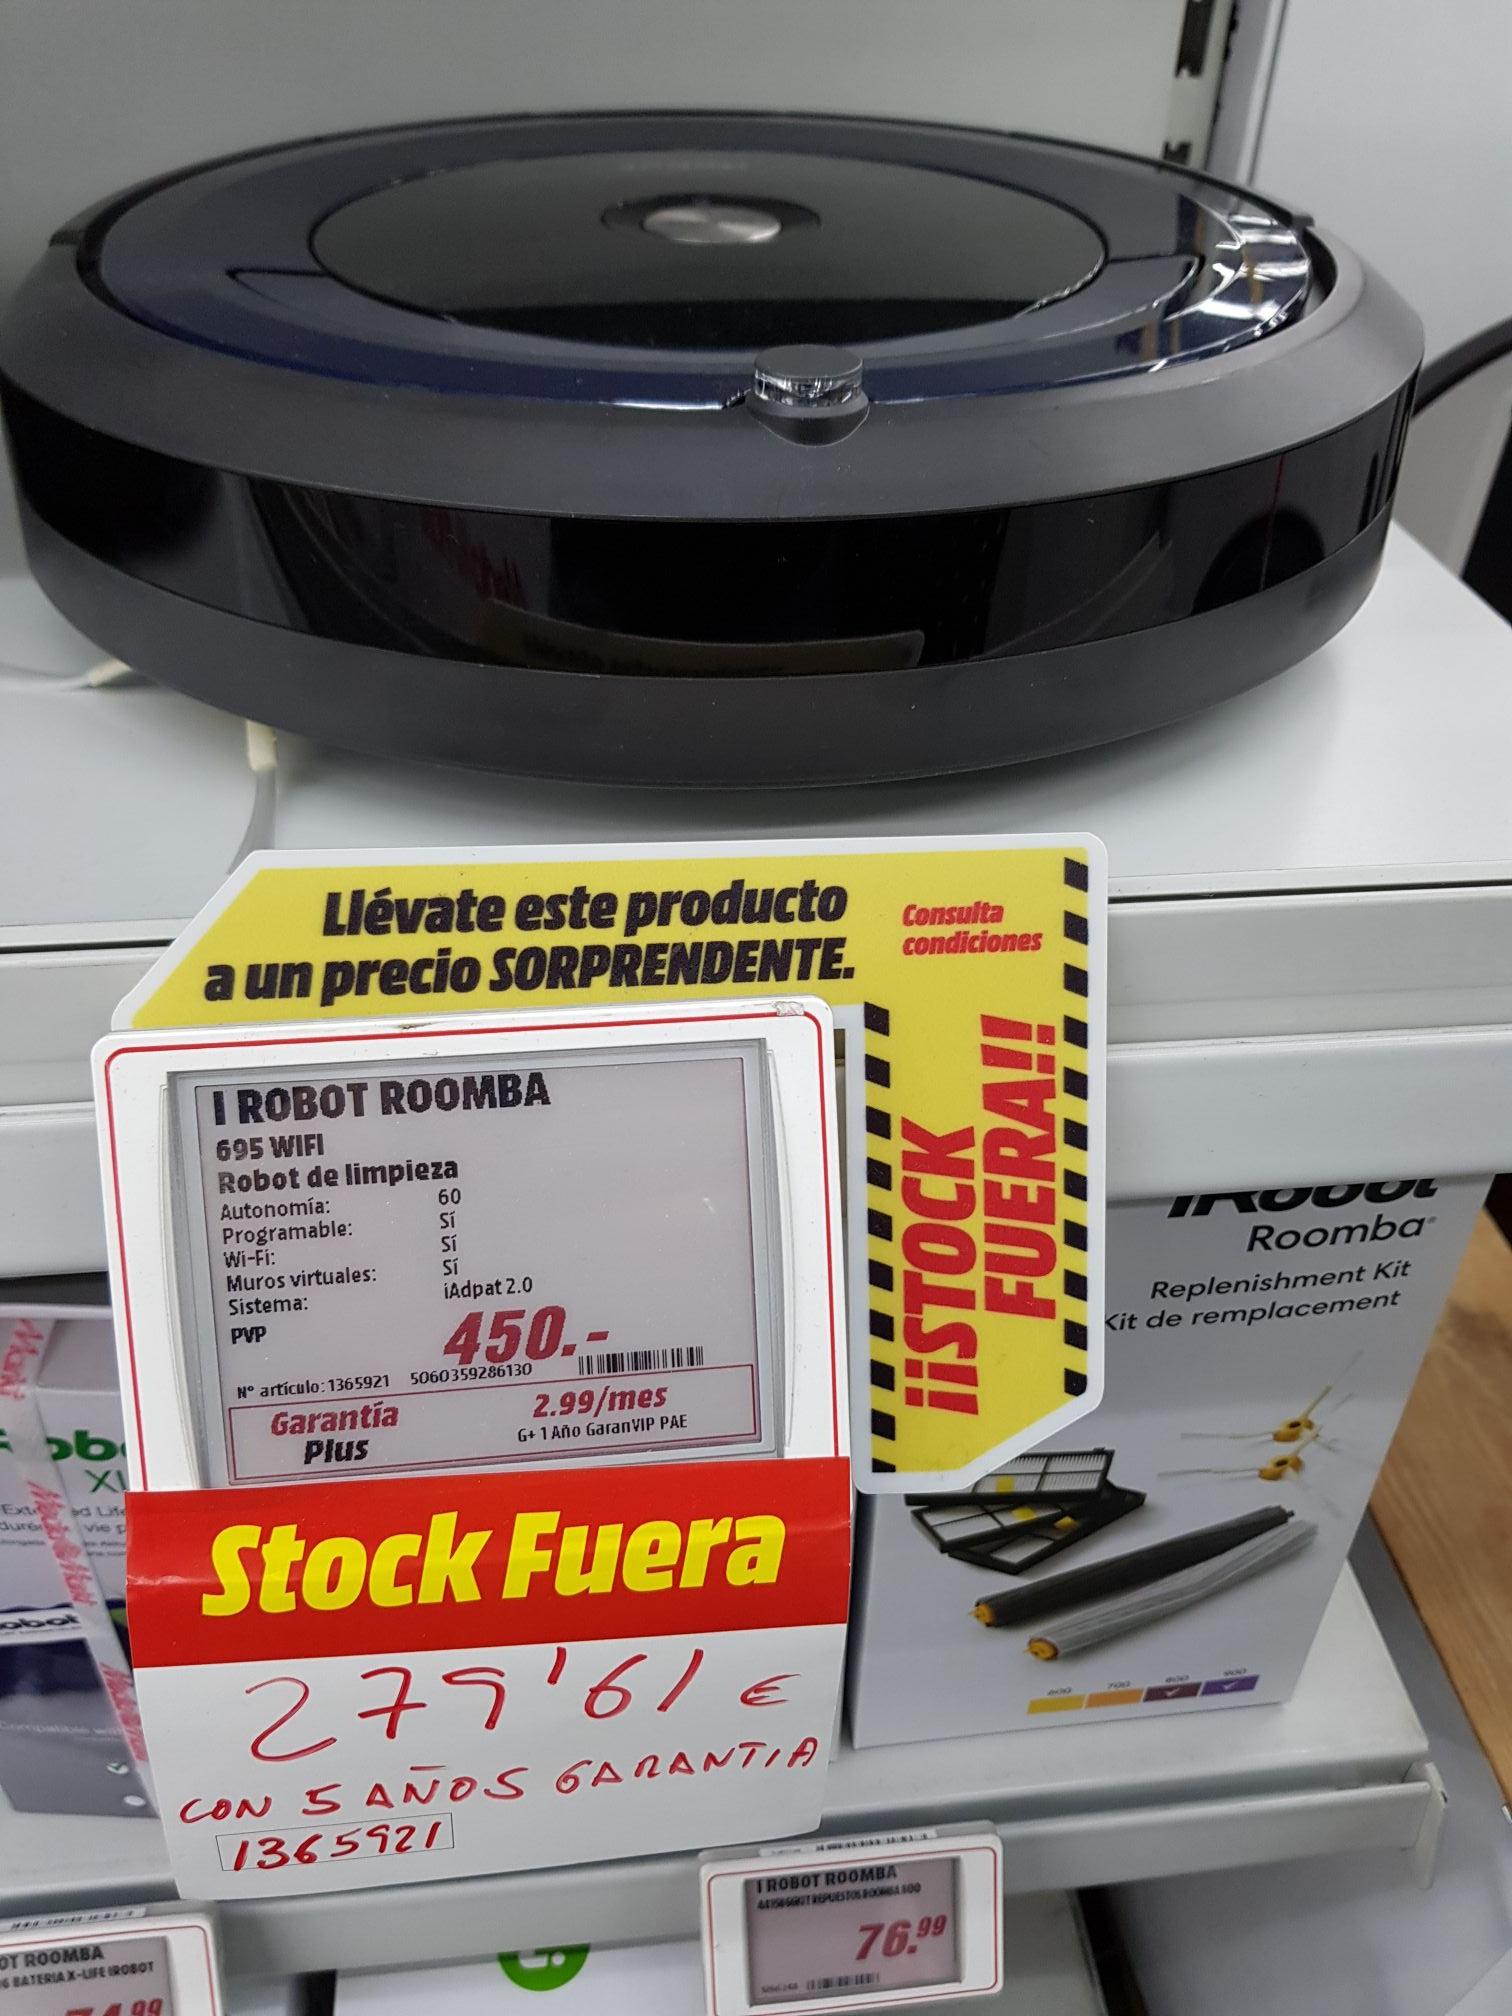 Roomba IRobot 695 Wifi (Mediamarkt Mairena Aljarafe) Sevilla